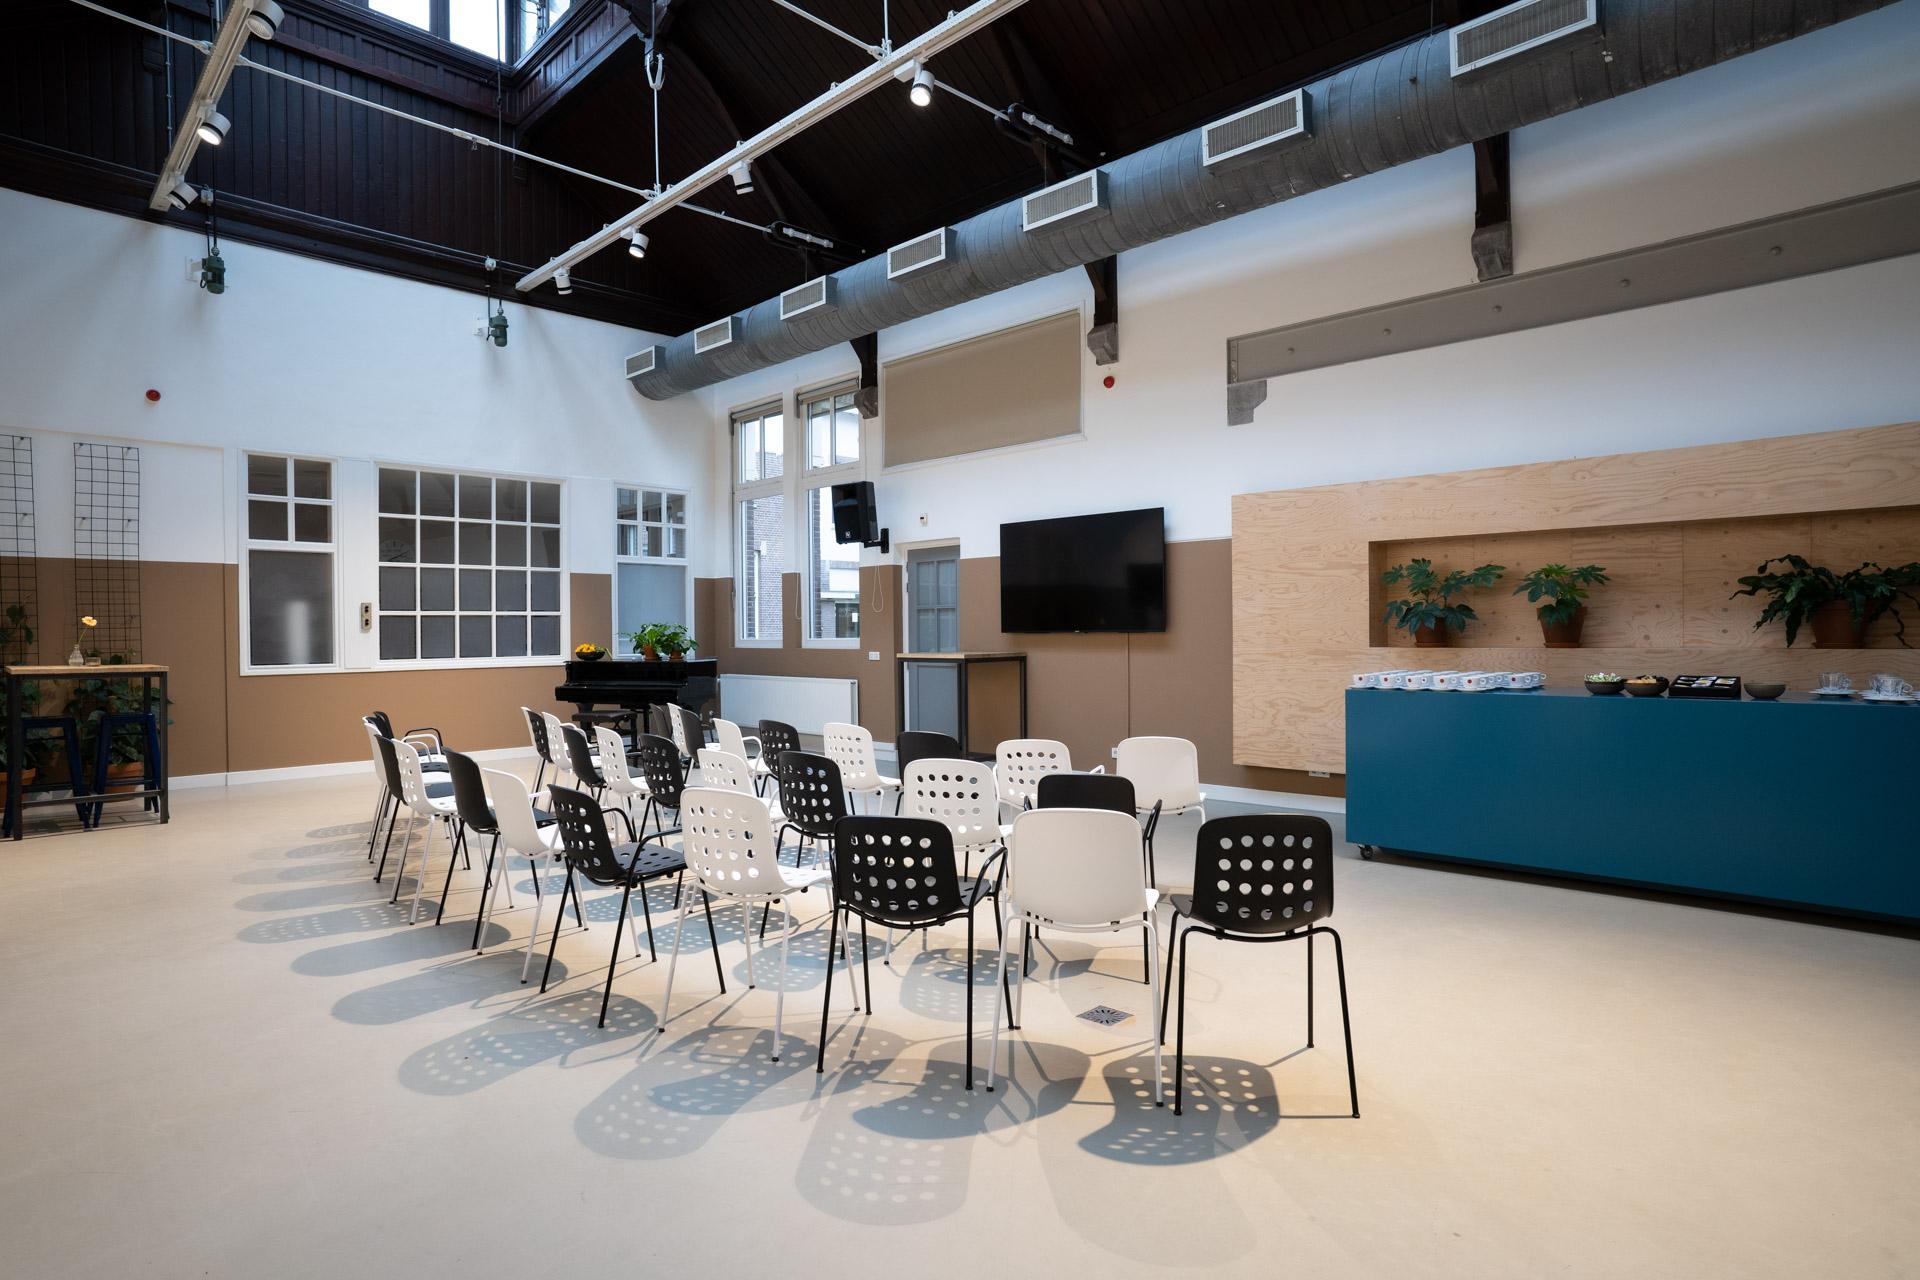 stoelen opstelling voor lezing in zaal de oude keuken